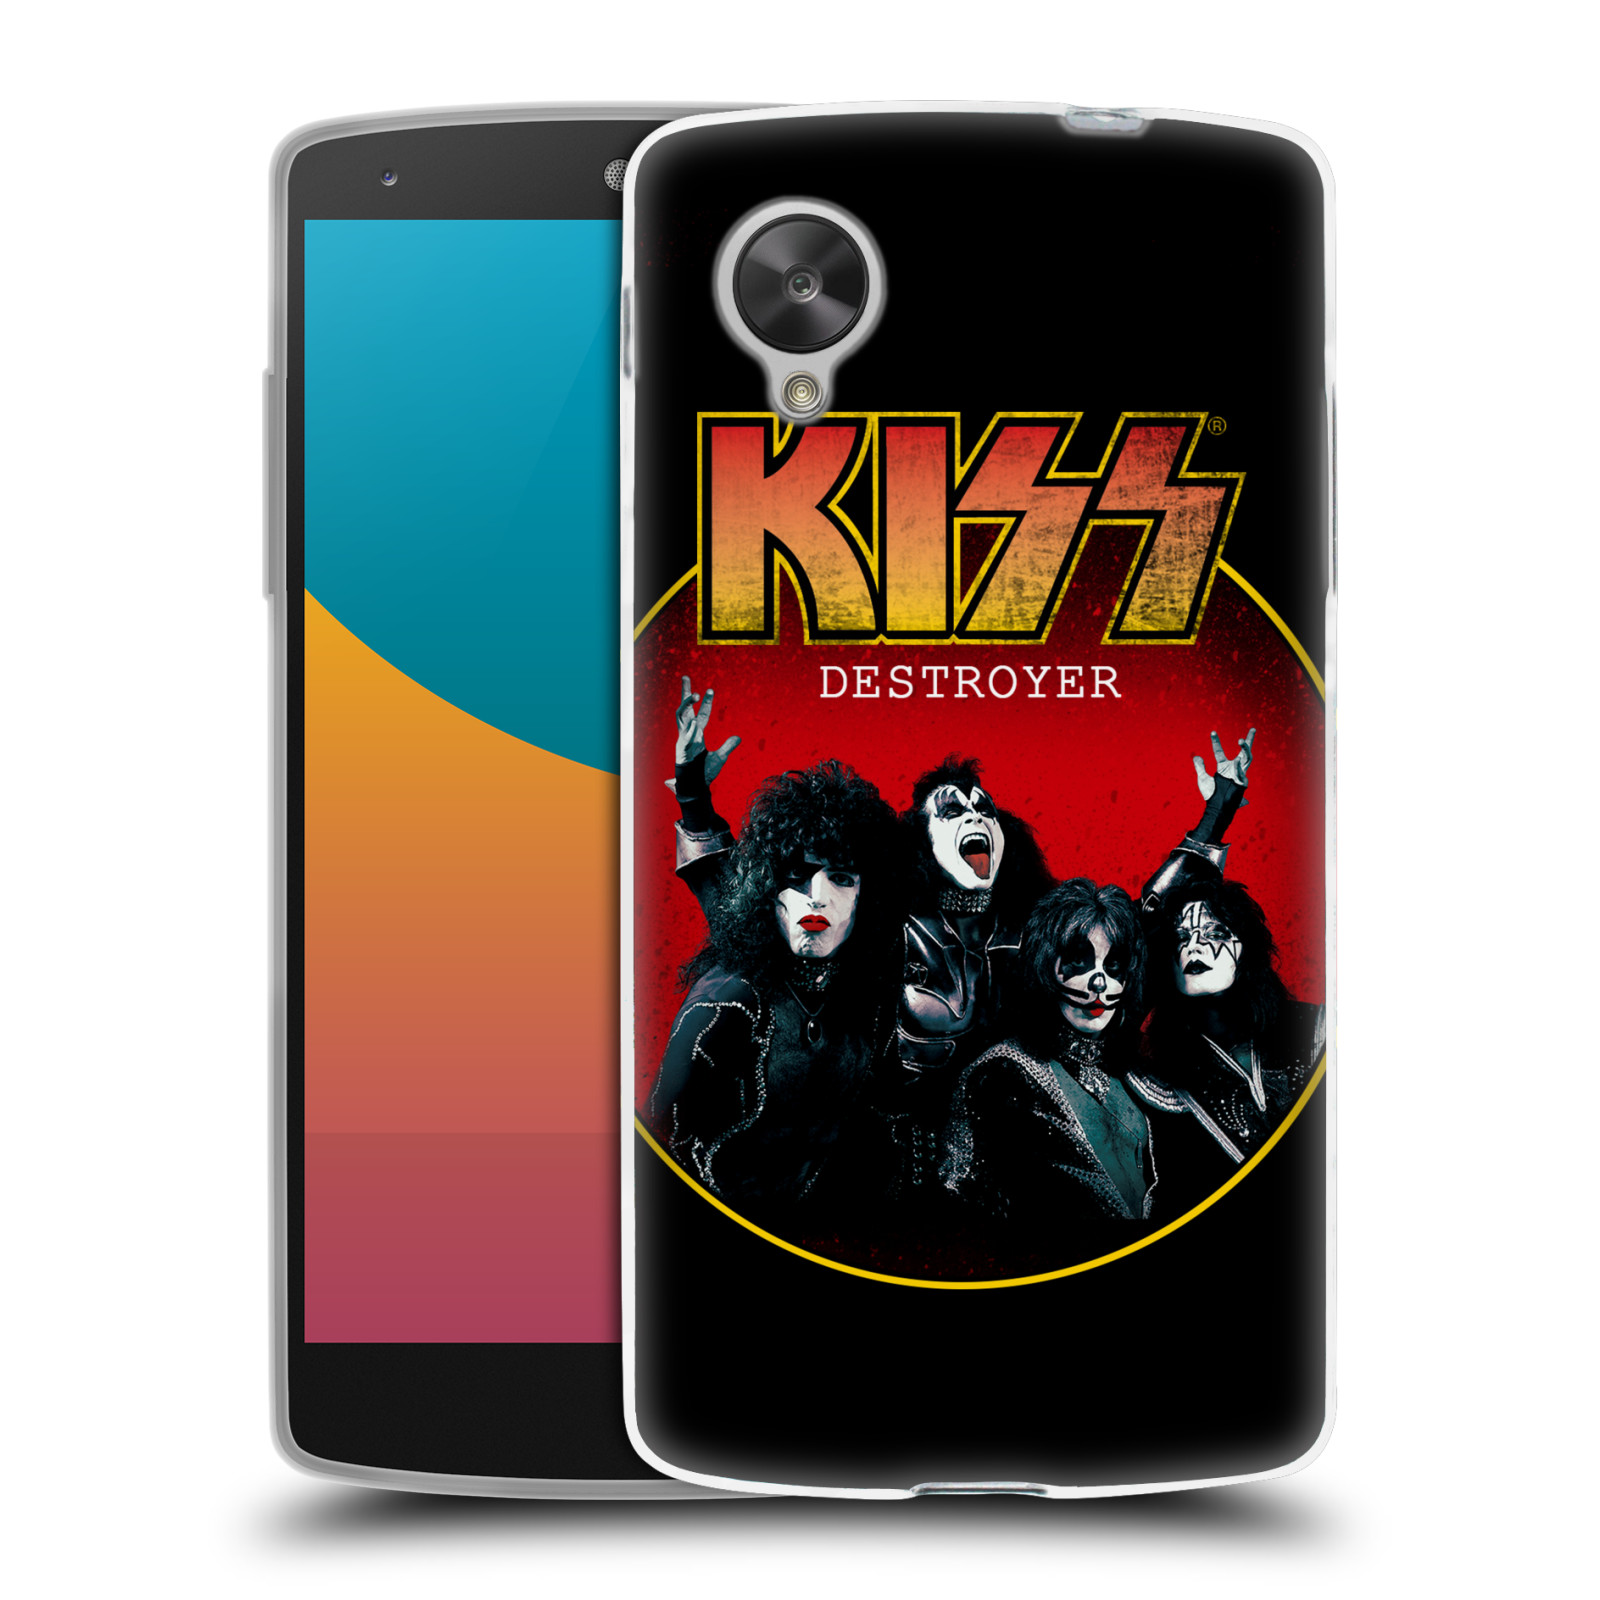 Silikonové pouzdro na mobil LG Nexus 5 HEAD CASE - Kiss - Destroyer (Silikonový kryt či obal na mobilní telefon s licencovaným motivem Kiss pro LG Google Nexus 5 D821)